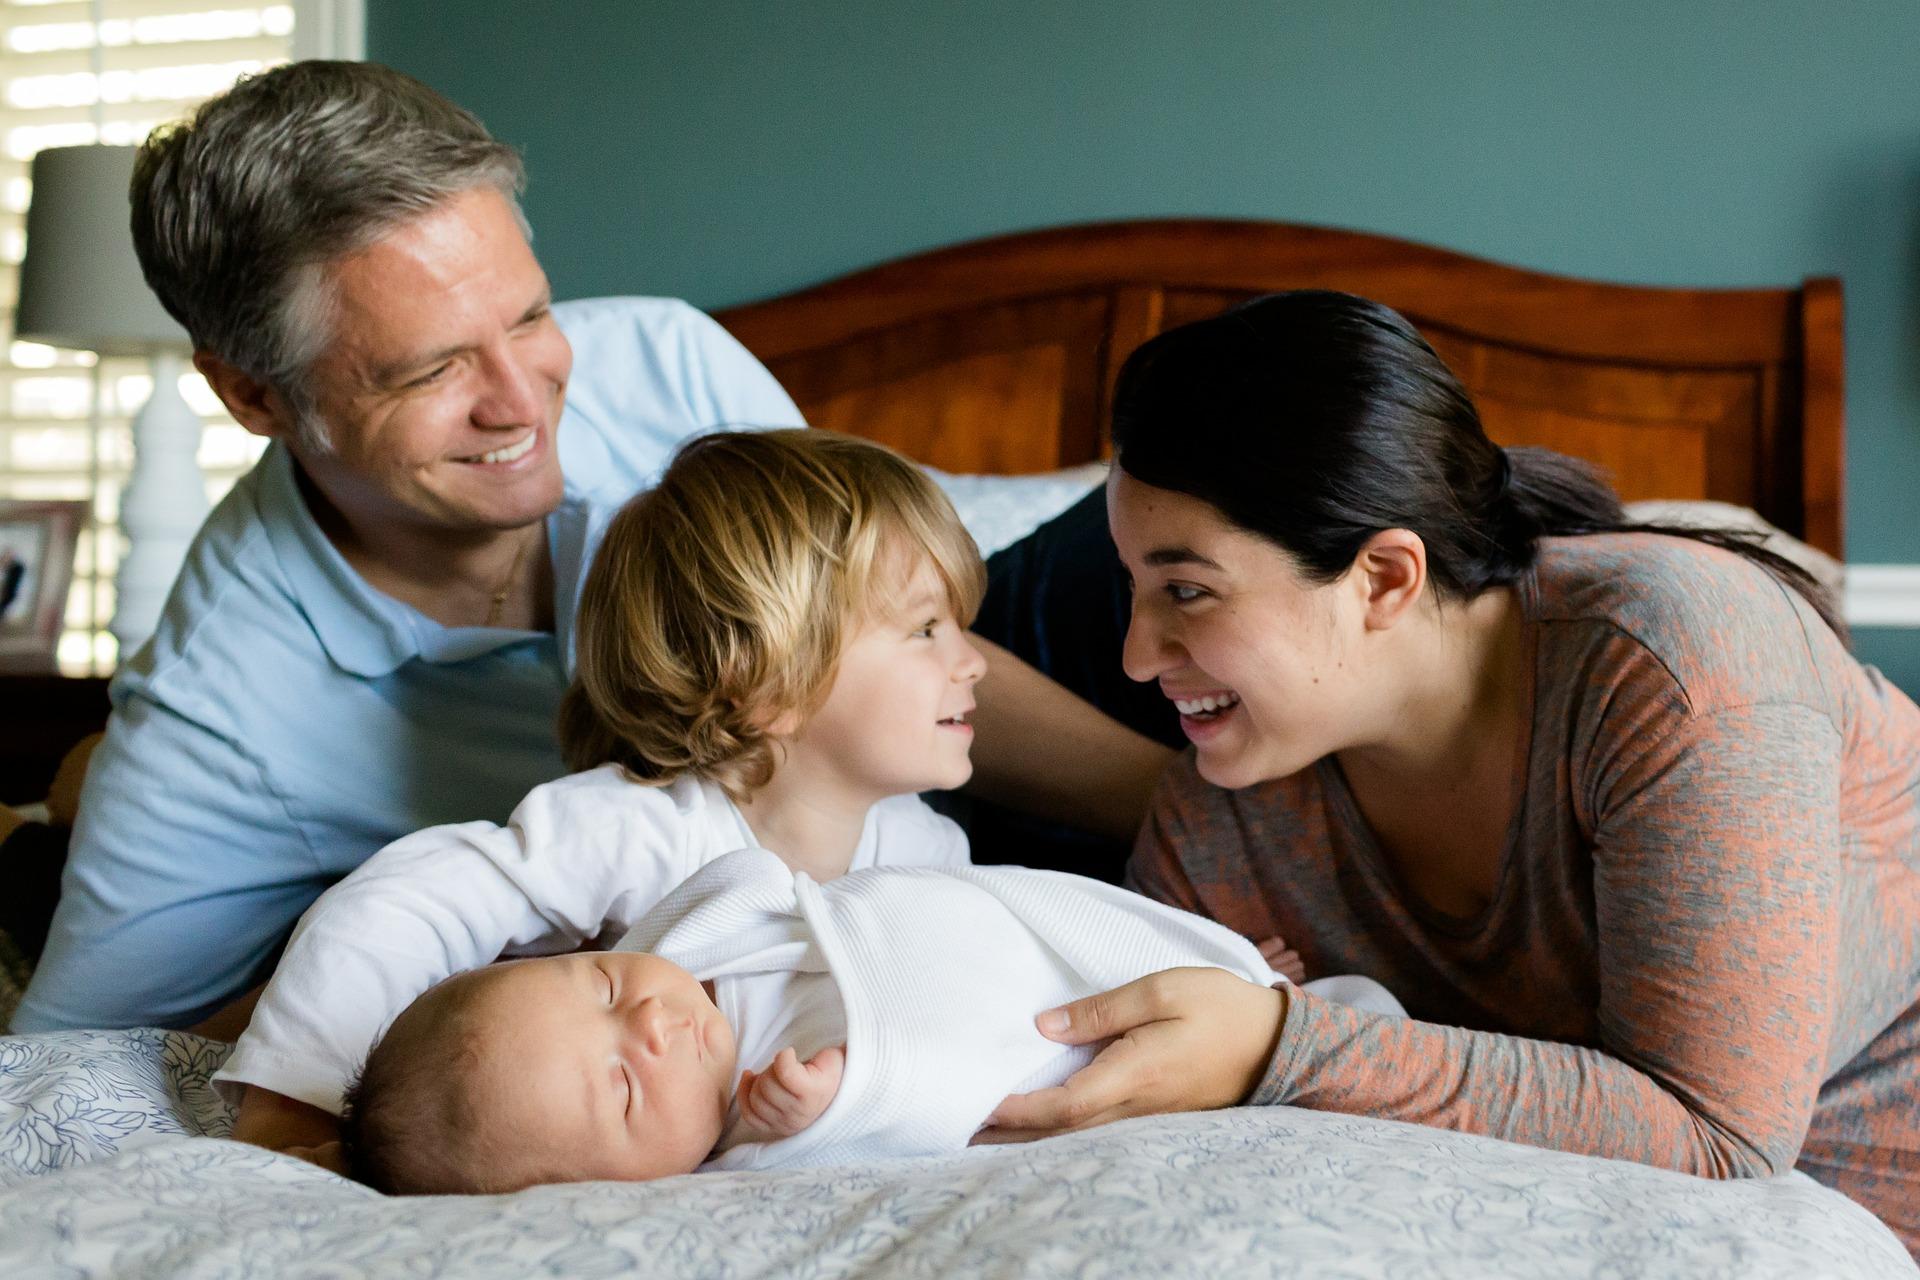 新生児・赤ちゃんの寝かしつけに私が試した方法とアイテム!効果のあり・なしを評価